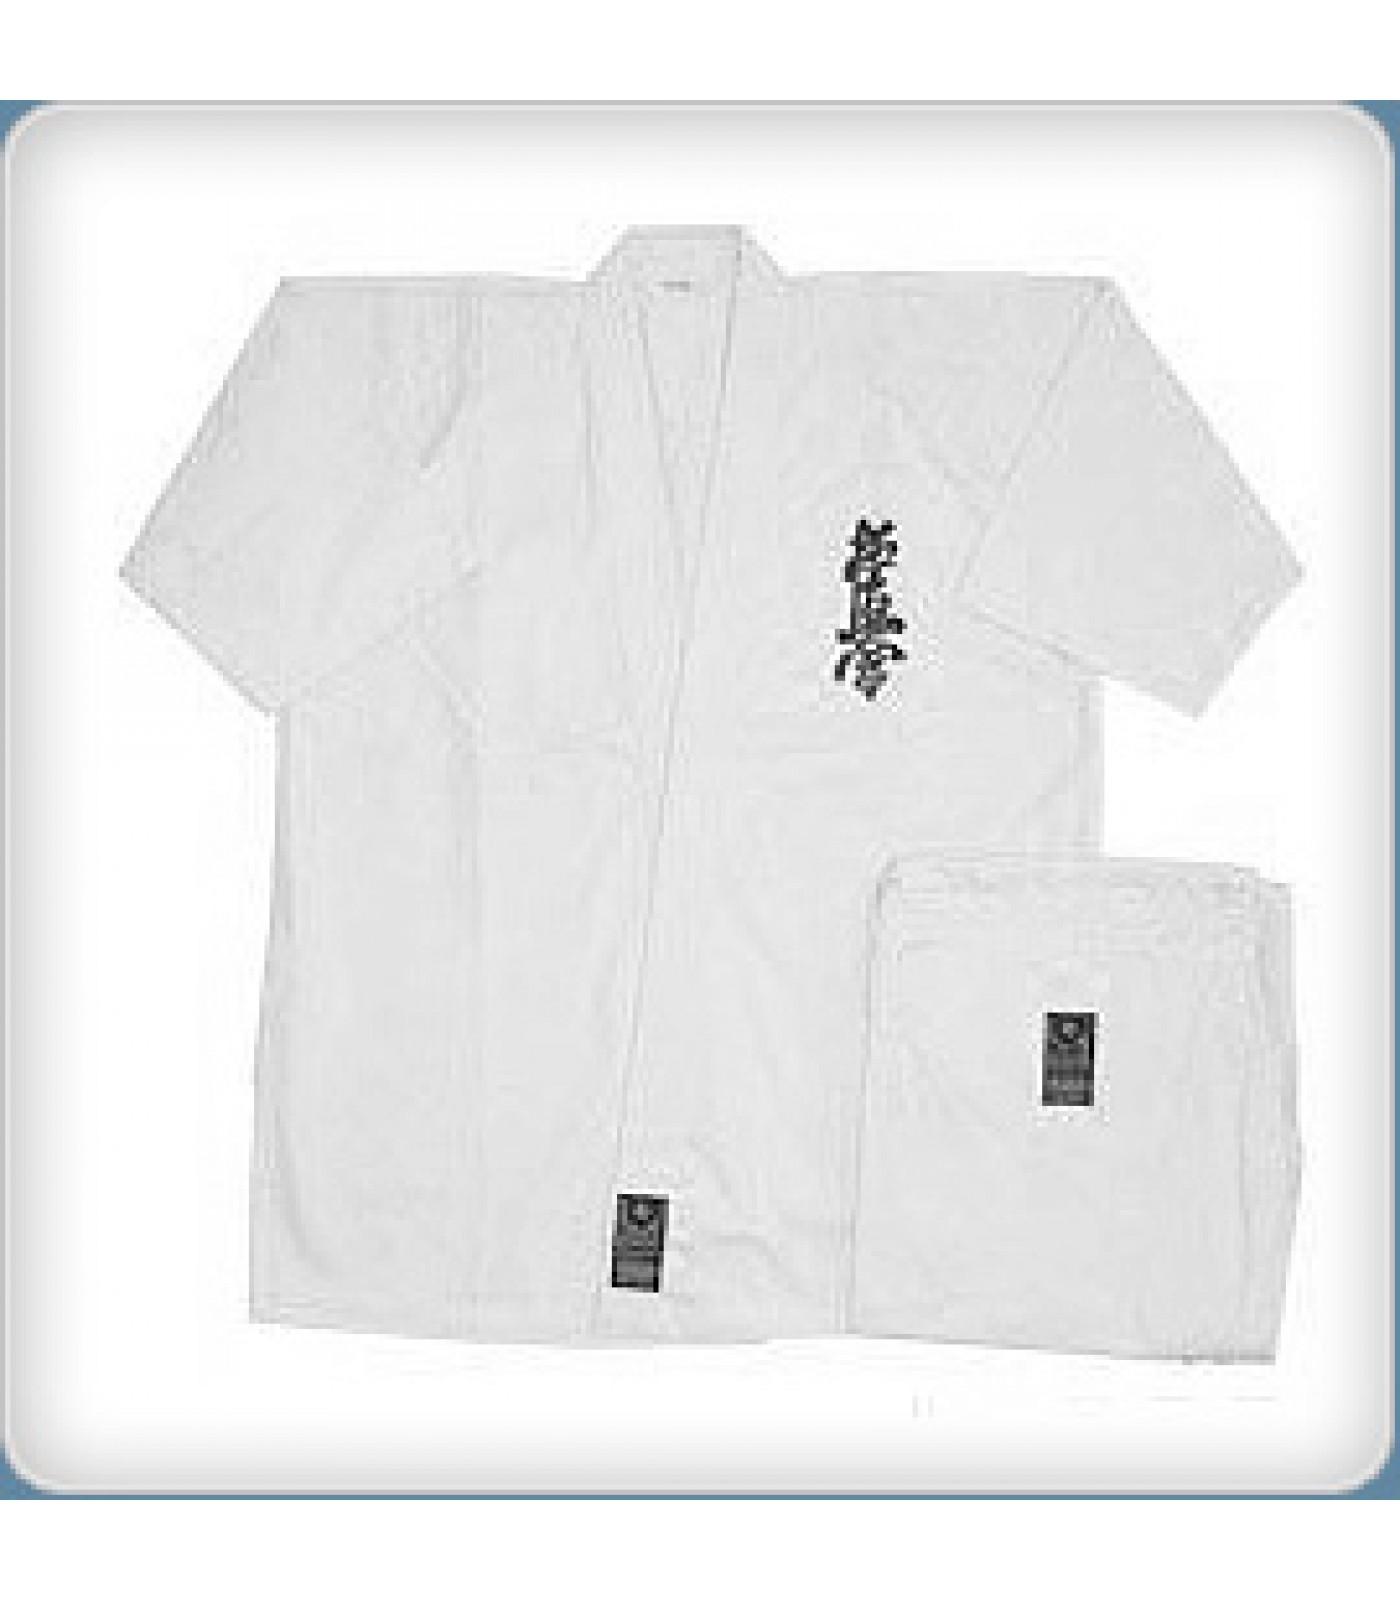 EON Sport - Карате киокушинкай кимоно - 140см.